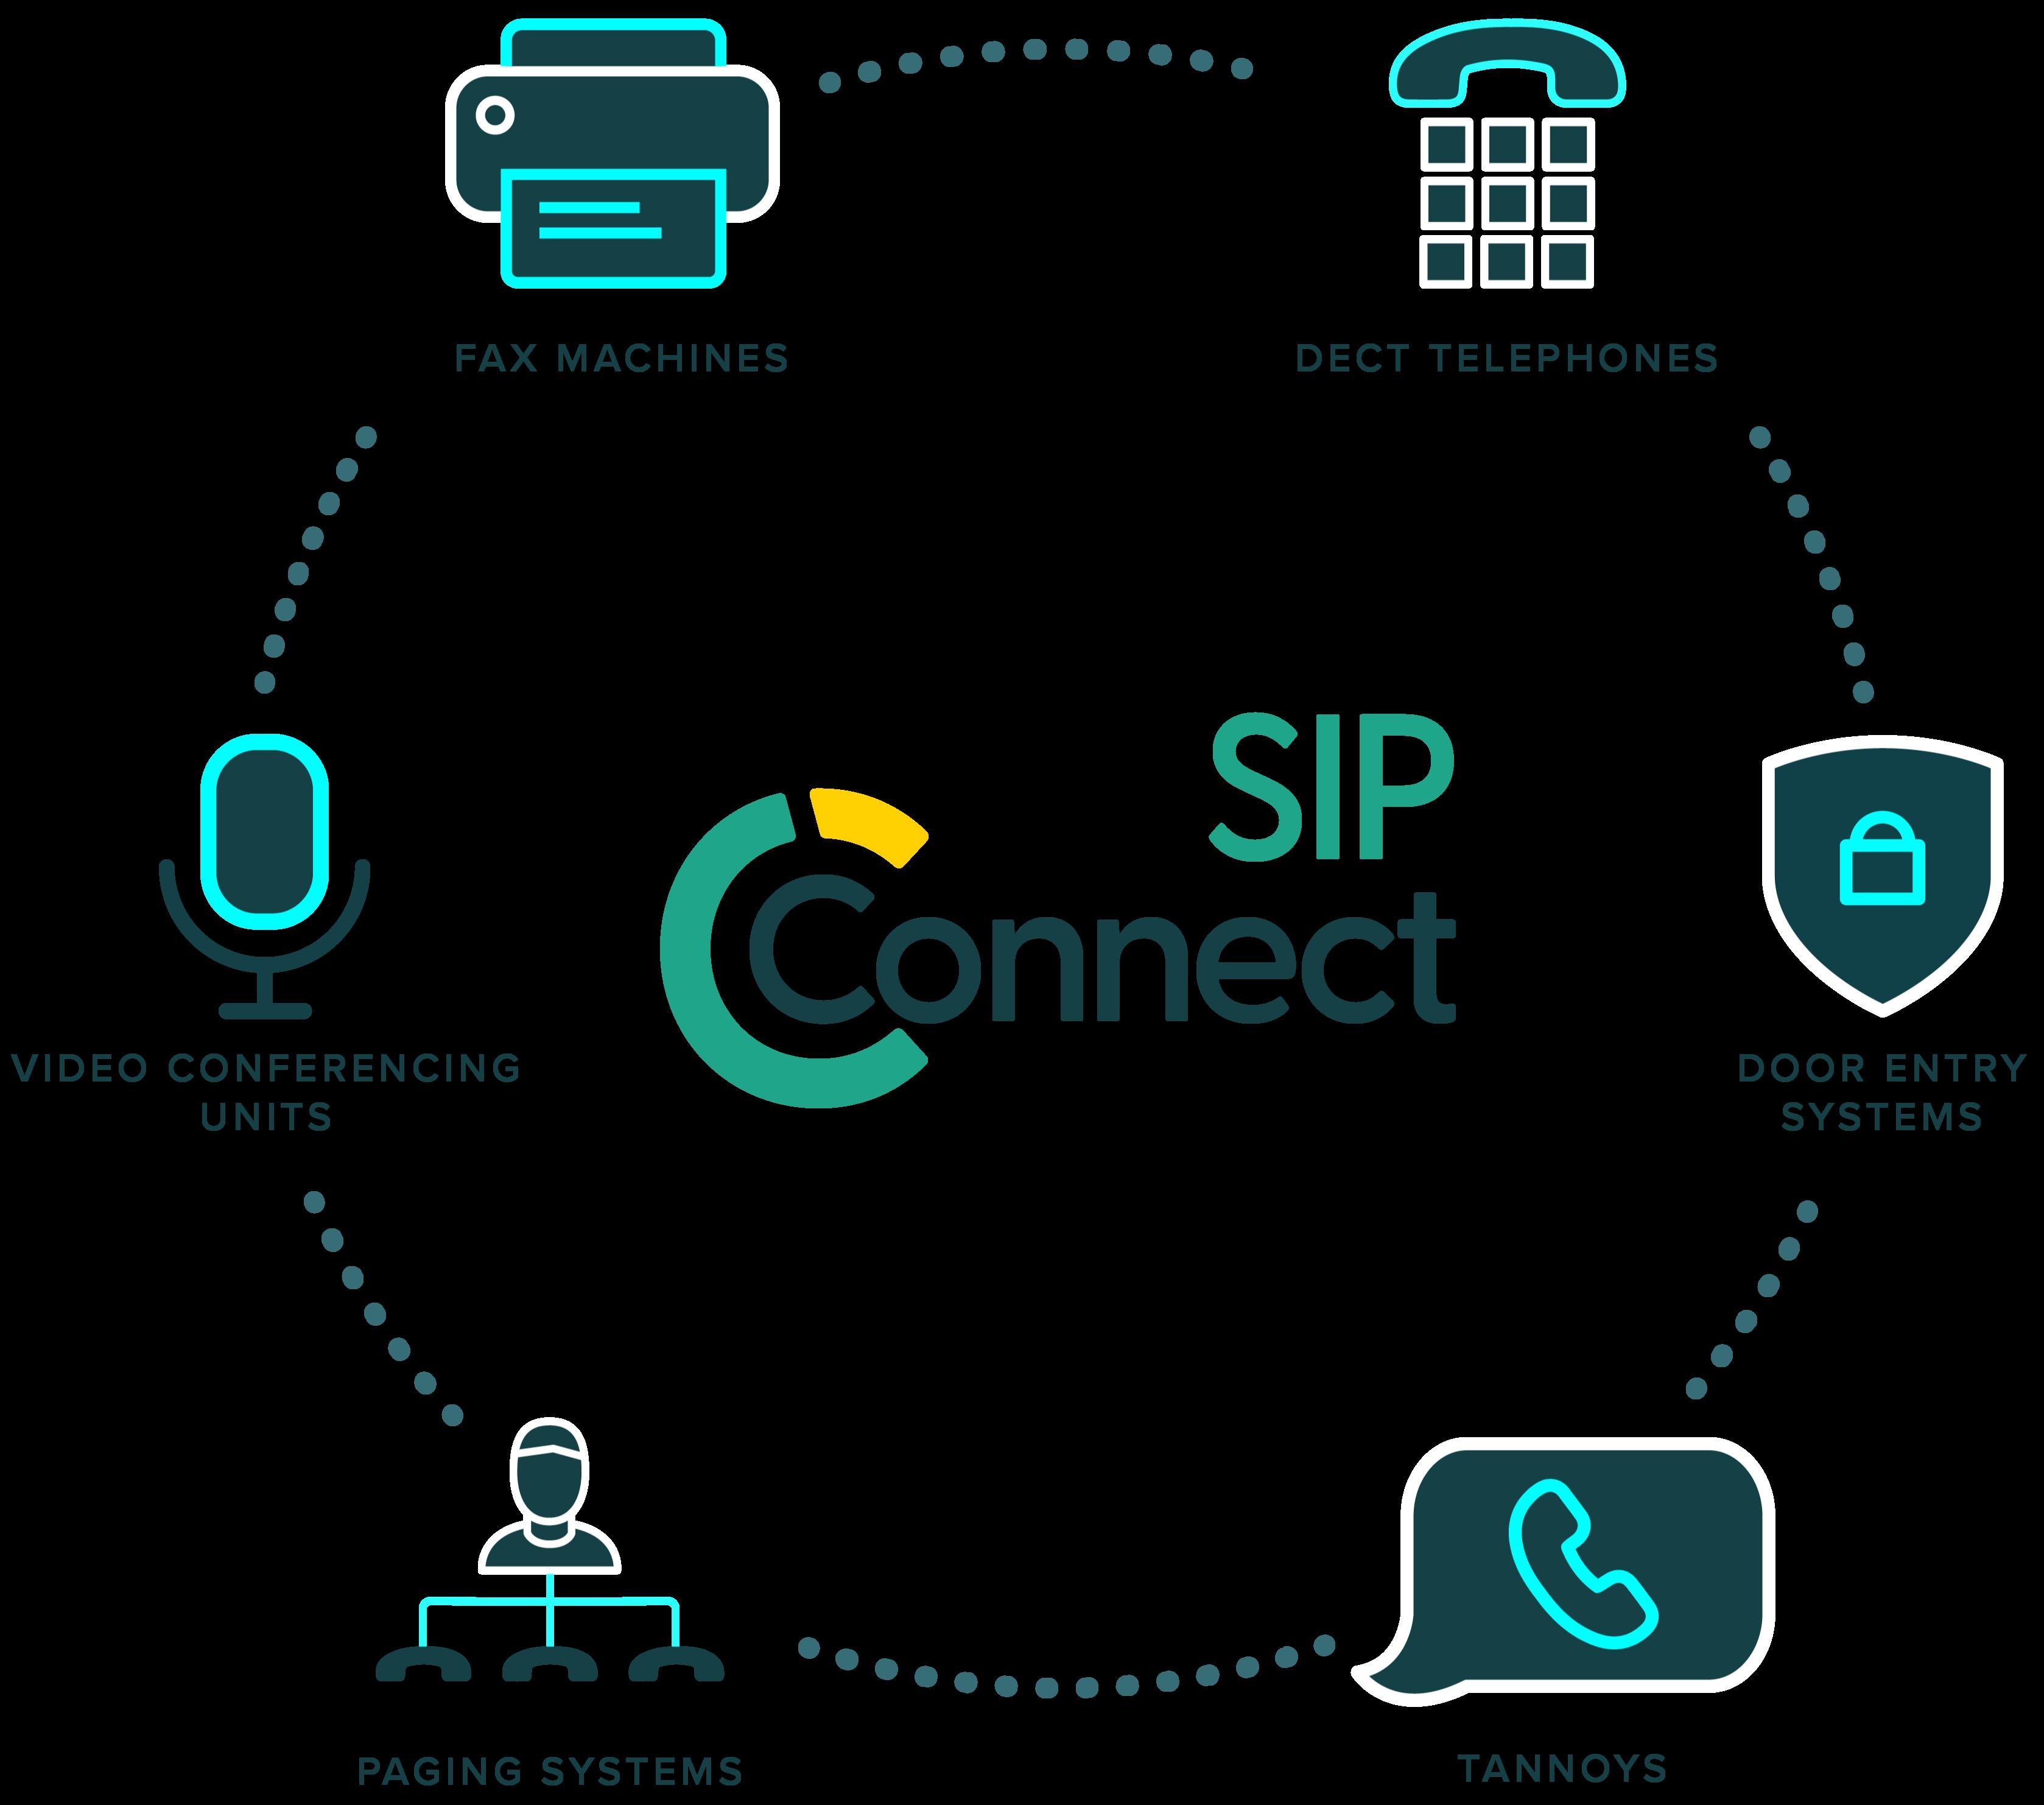 SIP Connect diagram